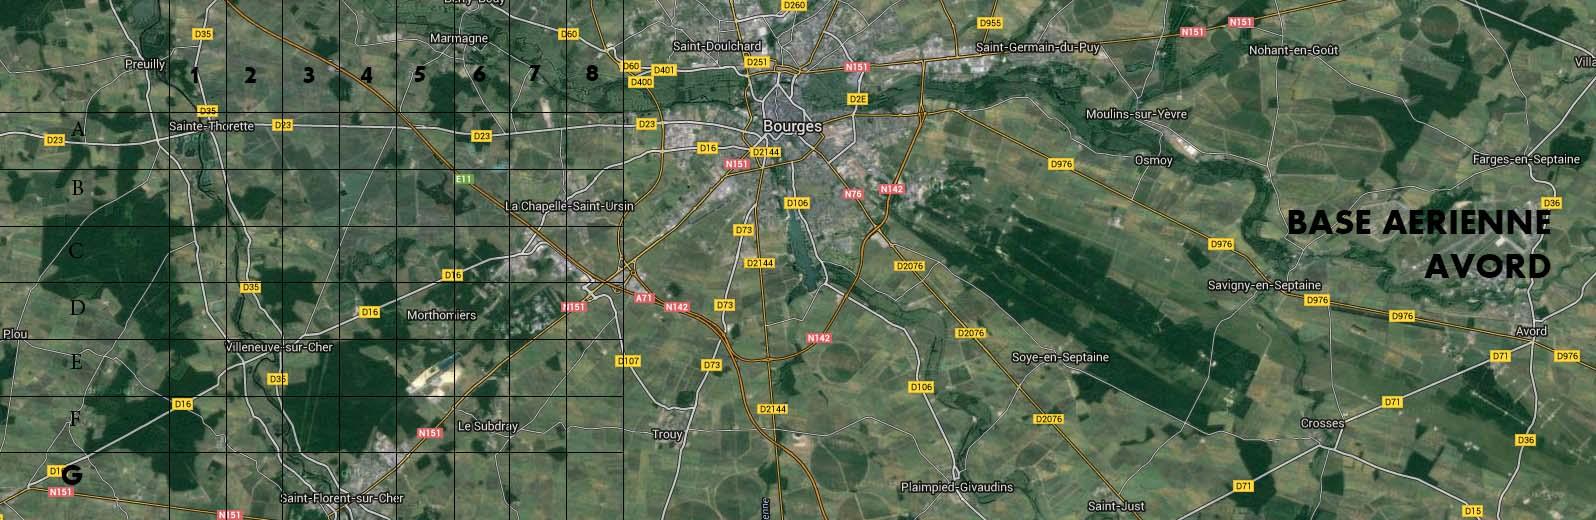 2014: le 20/11 à 13h15 - Ovni de forme allongé  -  Ovnis à Morthommier - Cher (dép.18) Cartem10